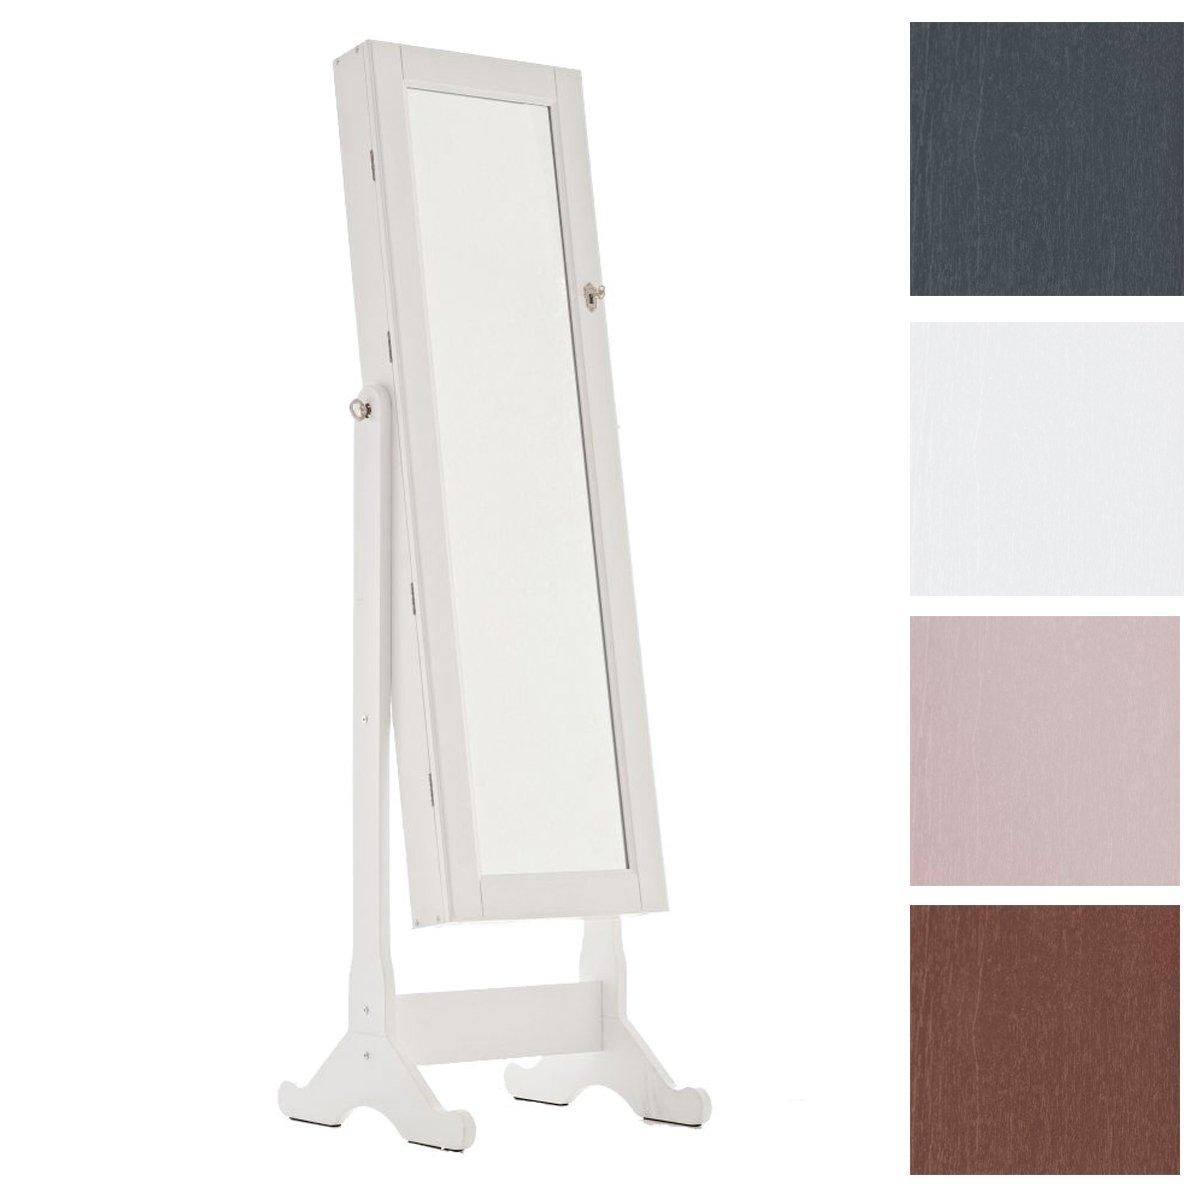 meuble miroir avec rangement pour bijoux interesting vidaxl armoire bijoux sur pied avec miroir. Black Bedroom Furniture Sets. Home Design Ideas